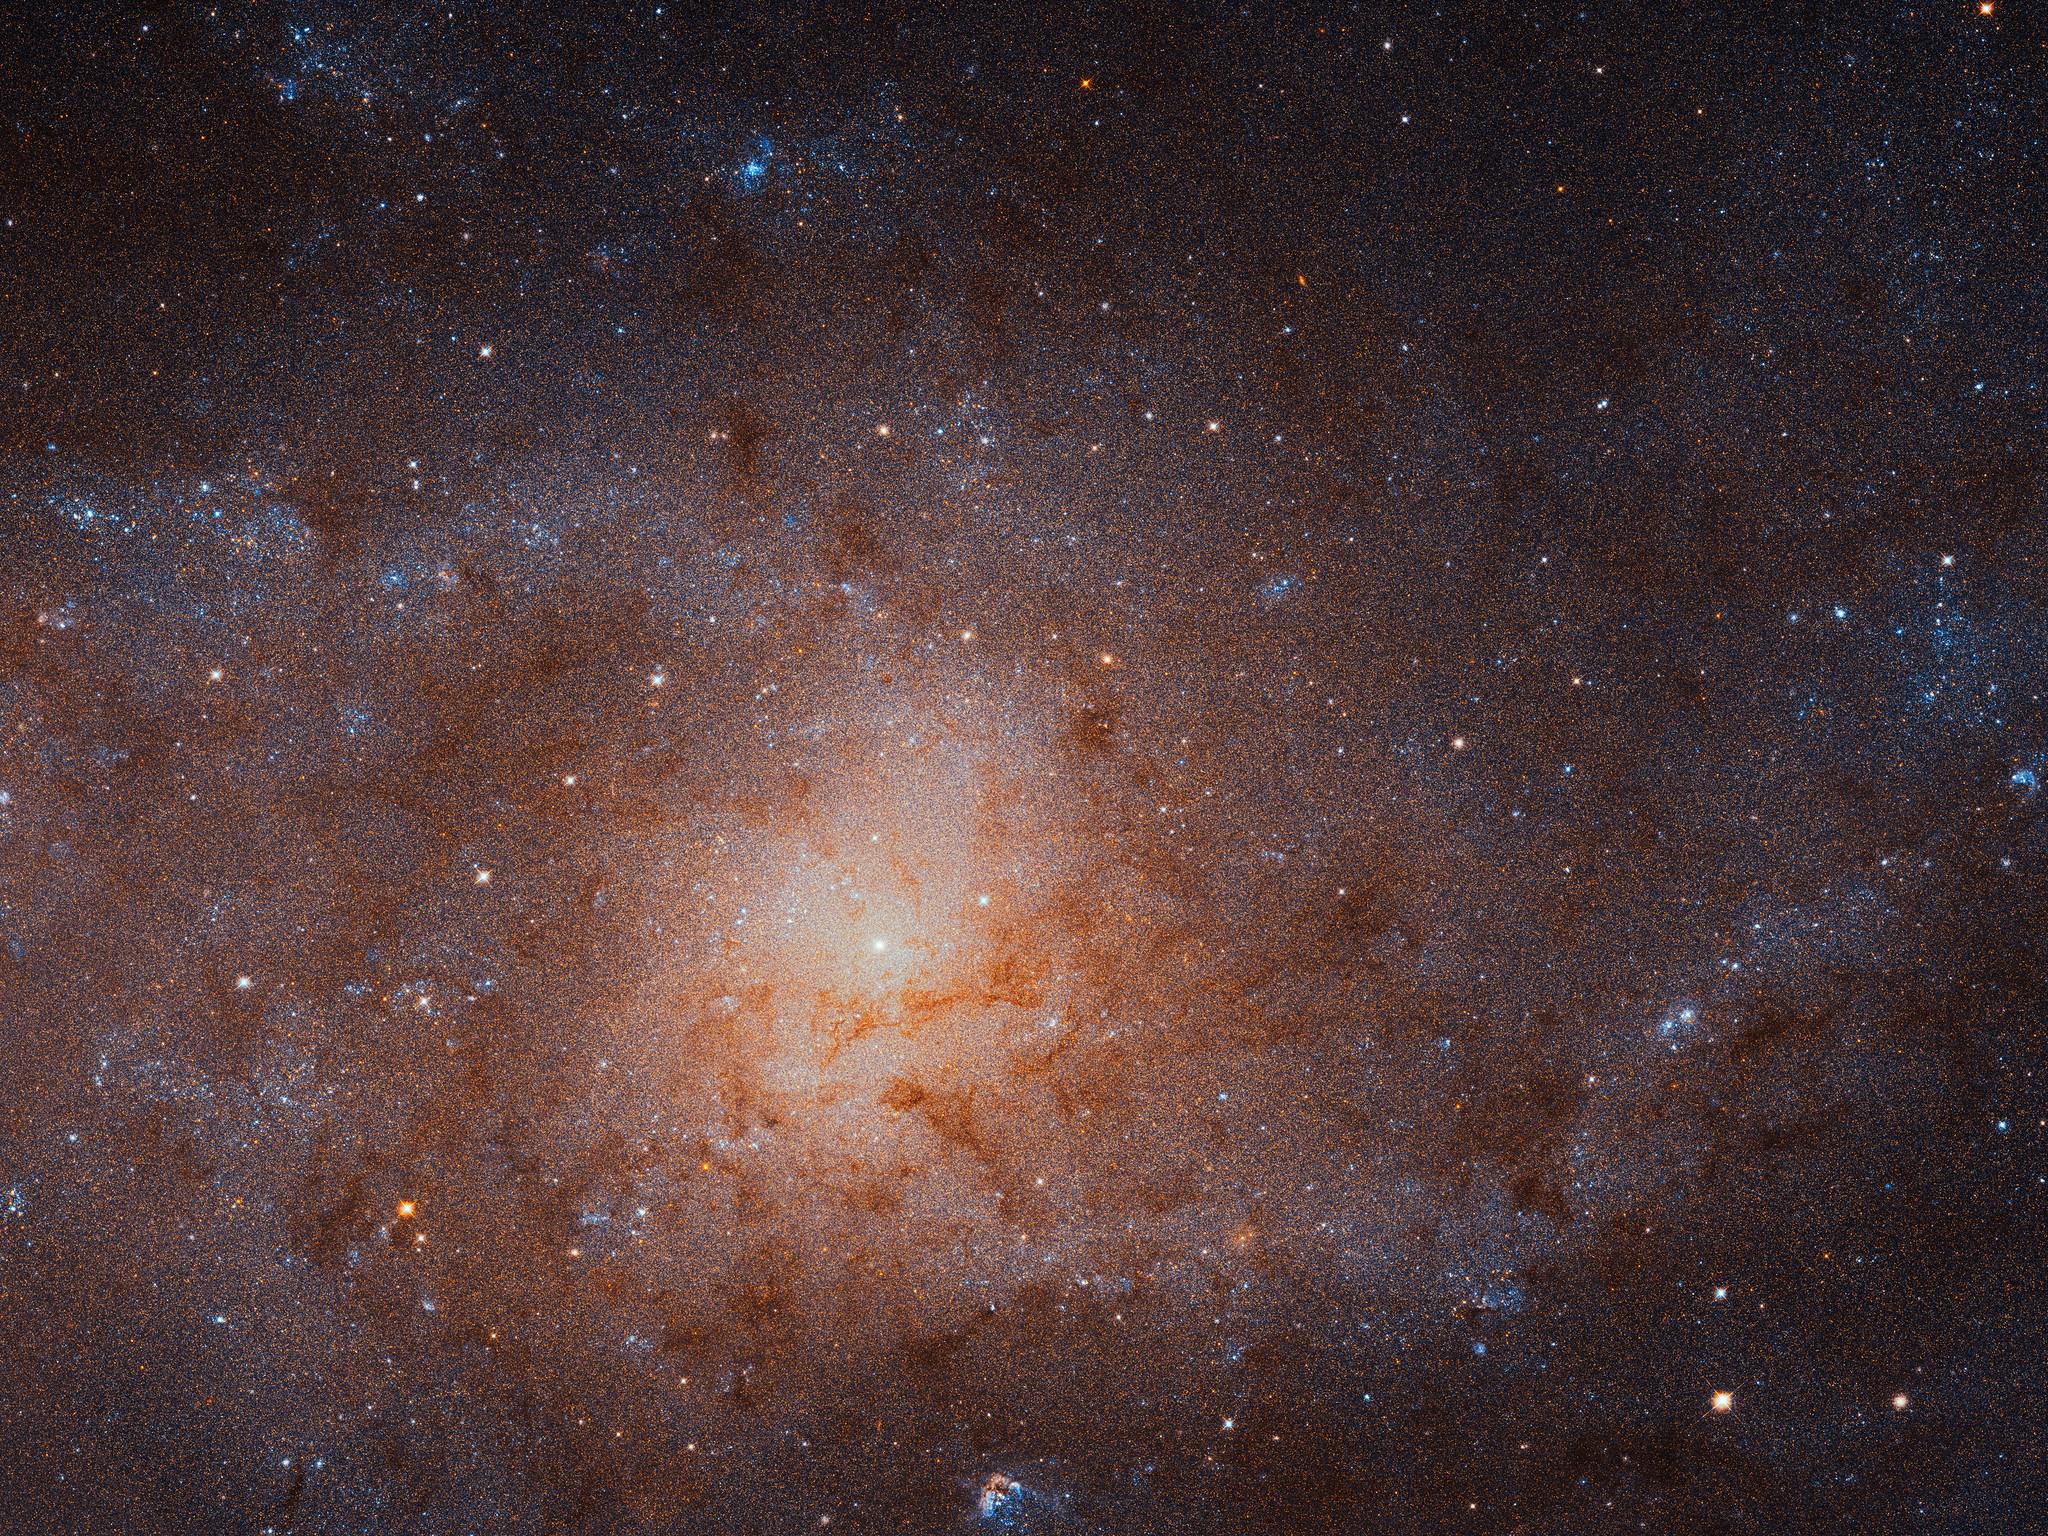 Как выяснилось, галактика Треугольника (на фото) не является спутником М31.